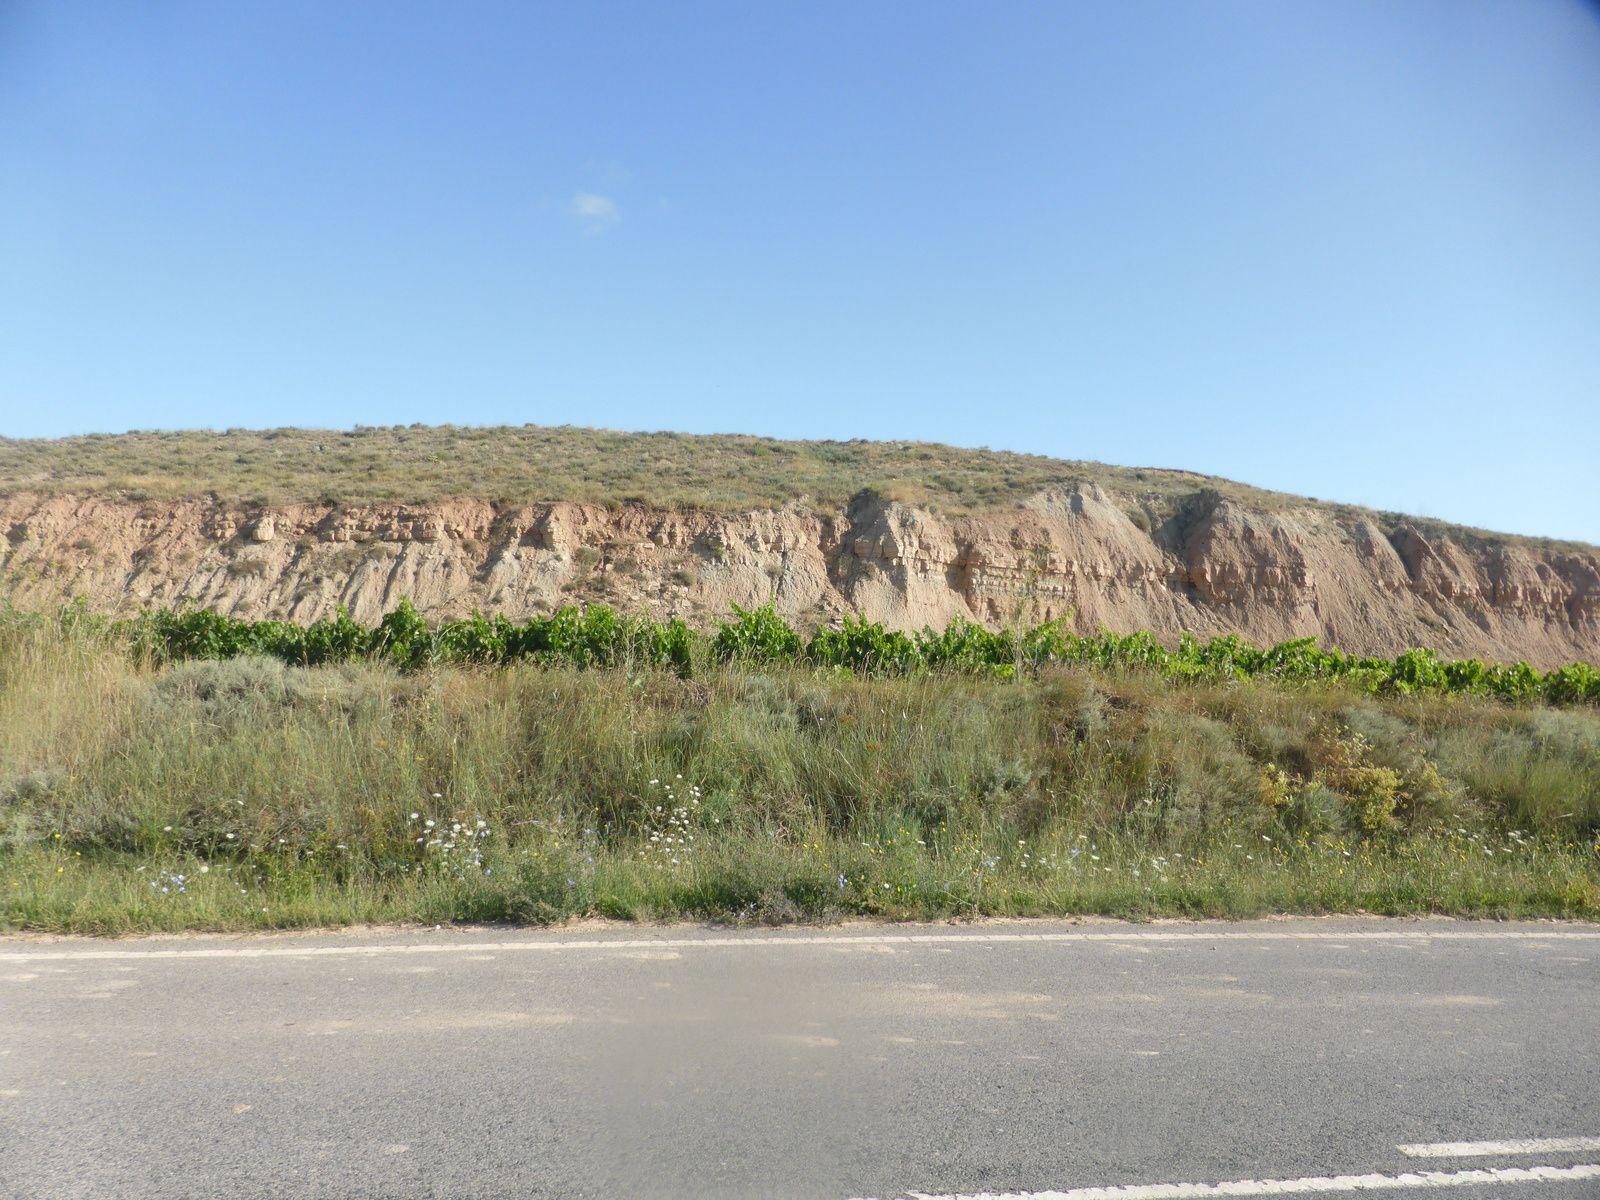 Notre journée de marche nous mènent aujourd'hui à Logrono, mais d'abord direction Viana où durant notre chemin nous rencontrons des pyramides de pierre que certains pèlerins s'empressent de construire. Le temps est toujours au beau fixe avec une légère fraîcheur le matin.